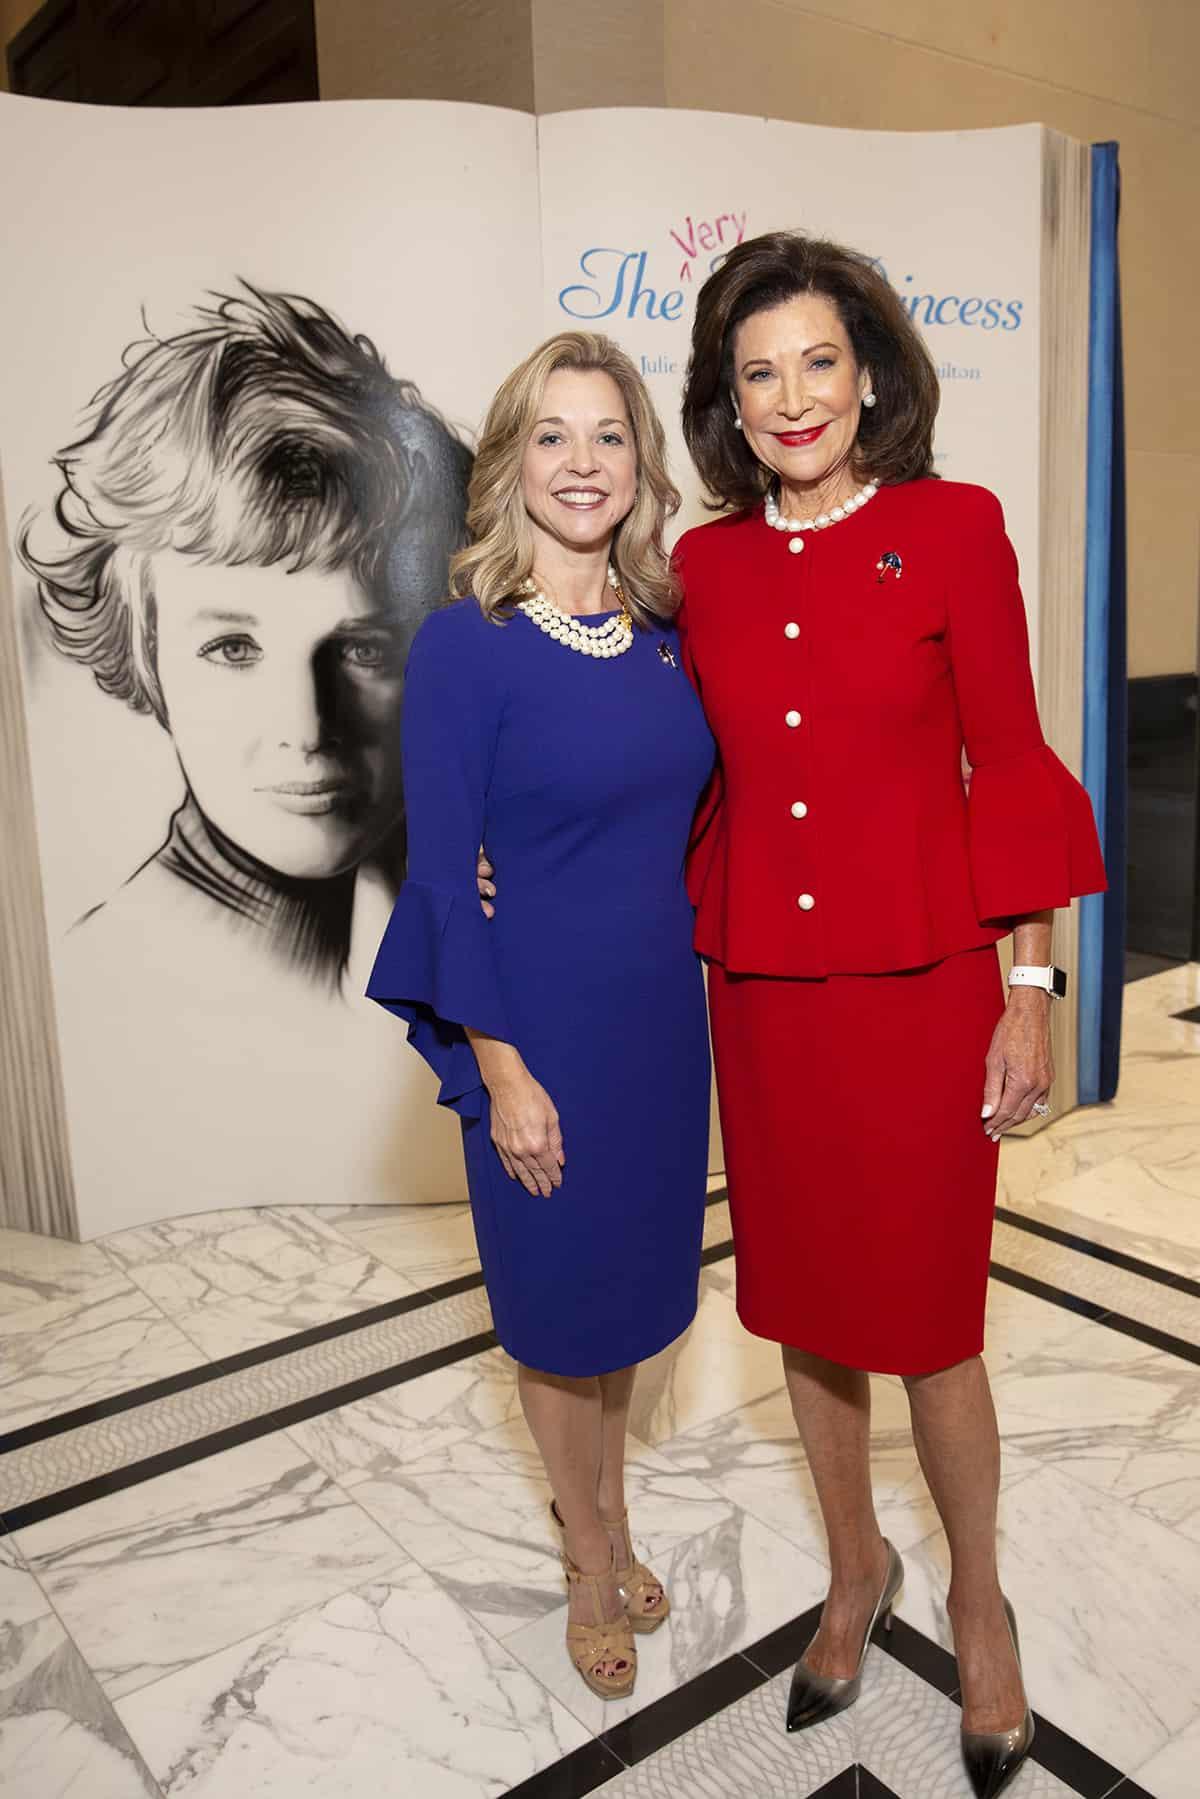 Julie Baker Finck and Betty Hrncir